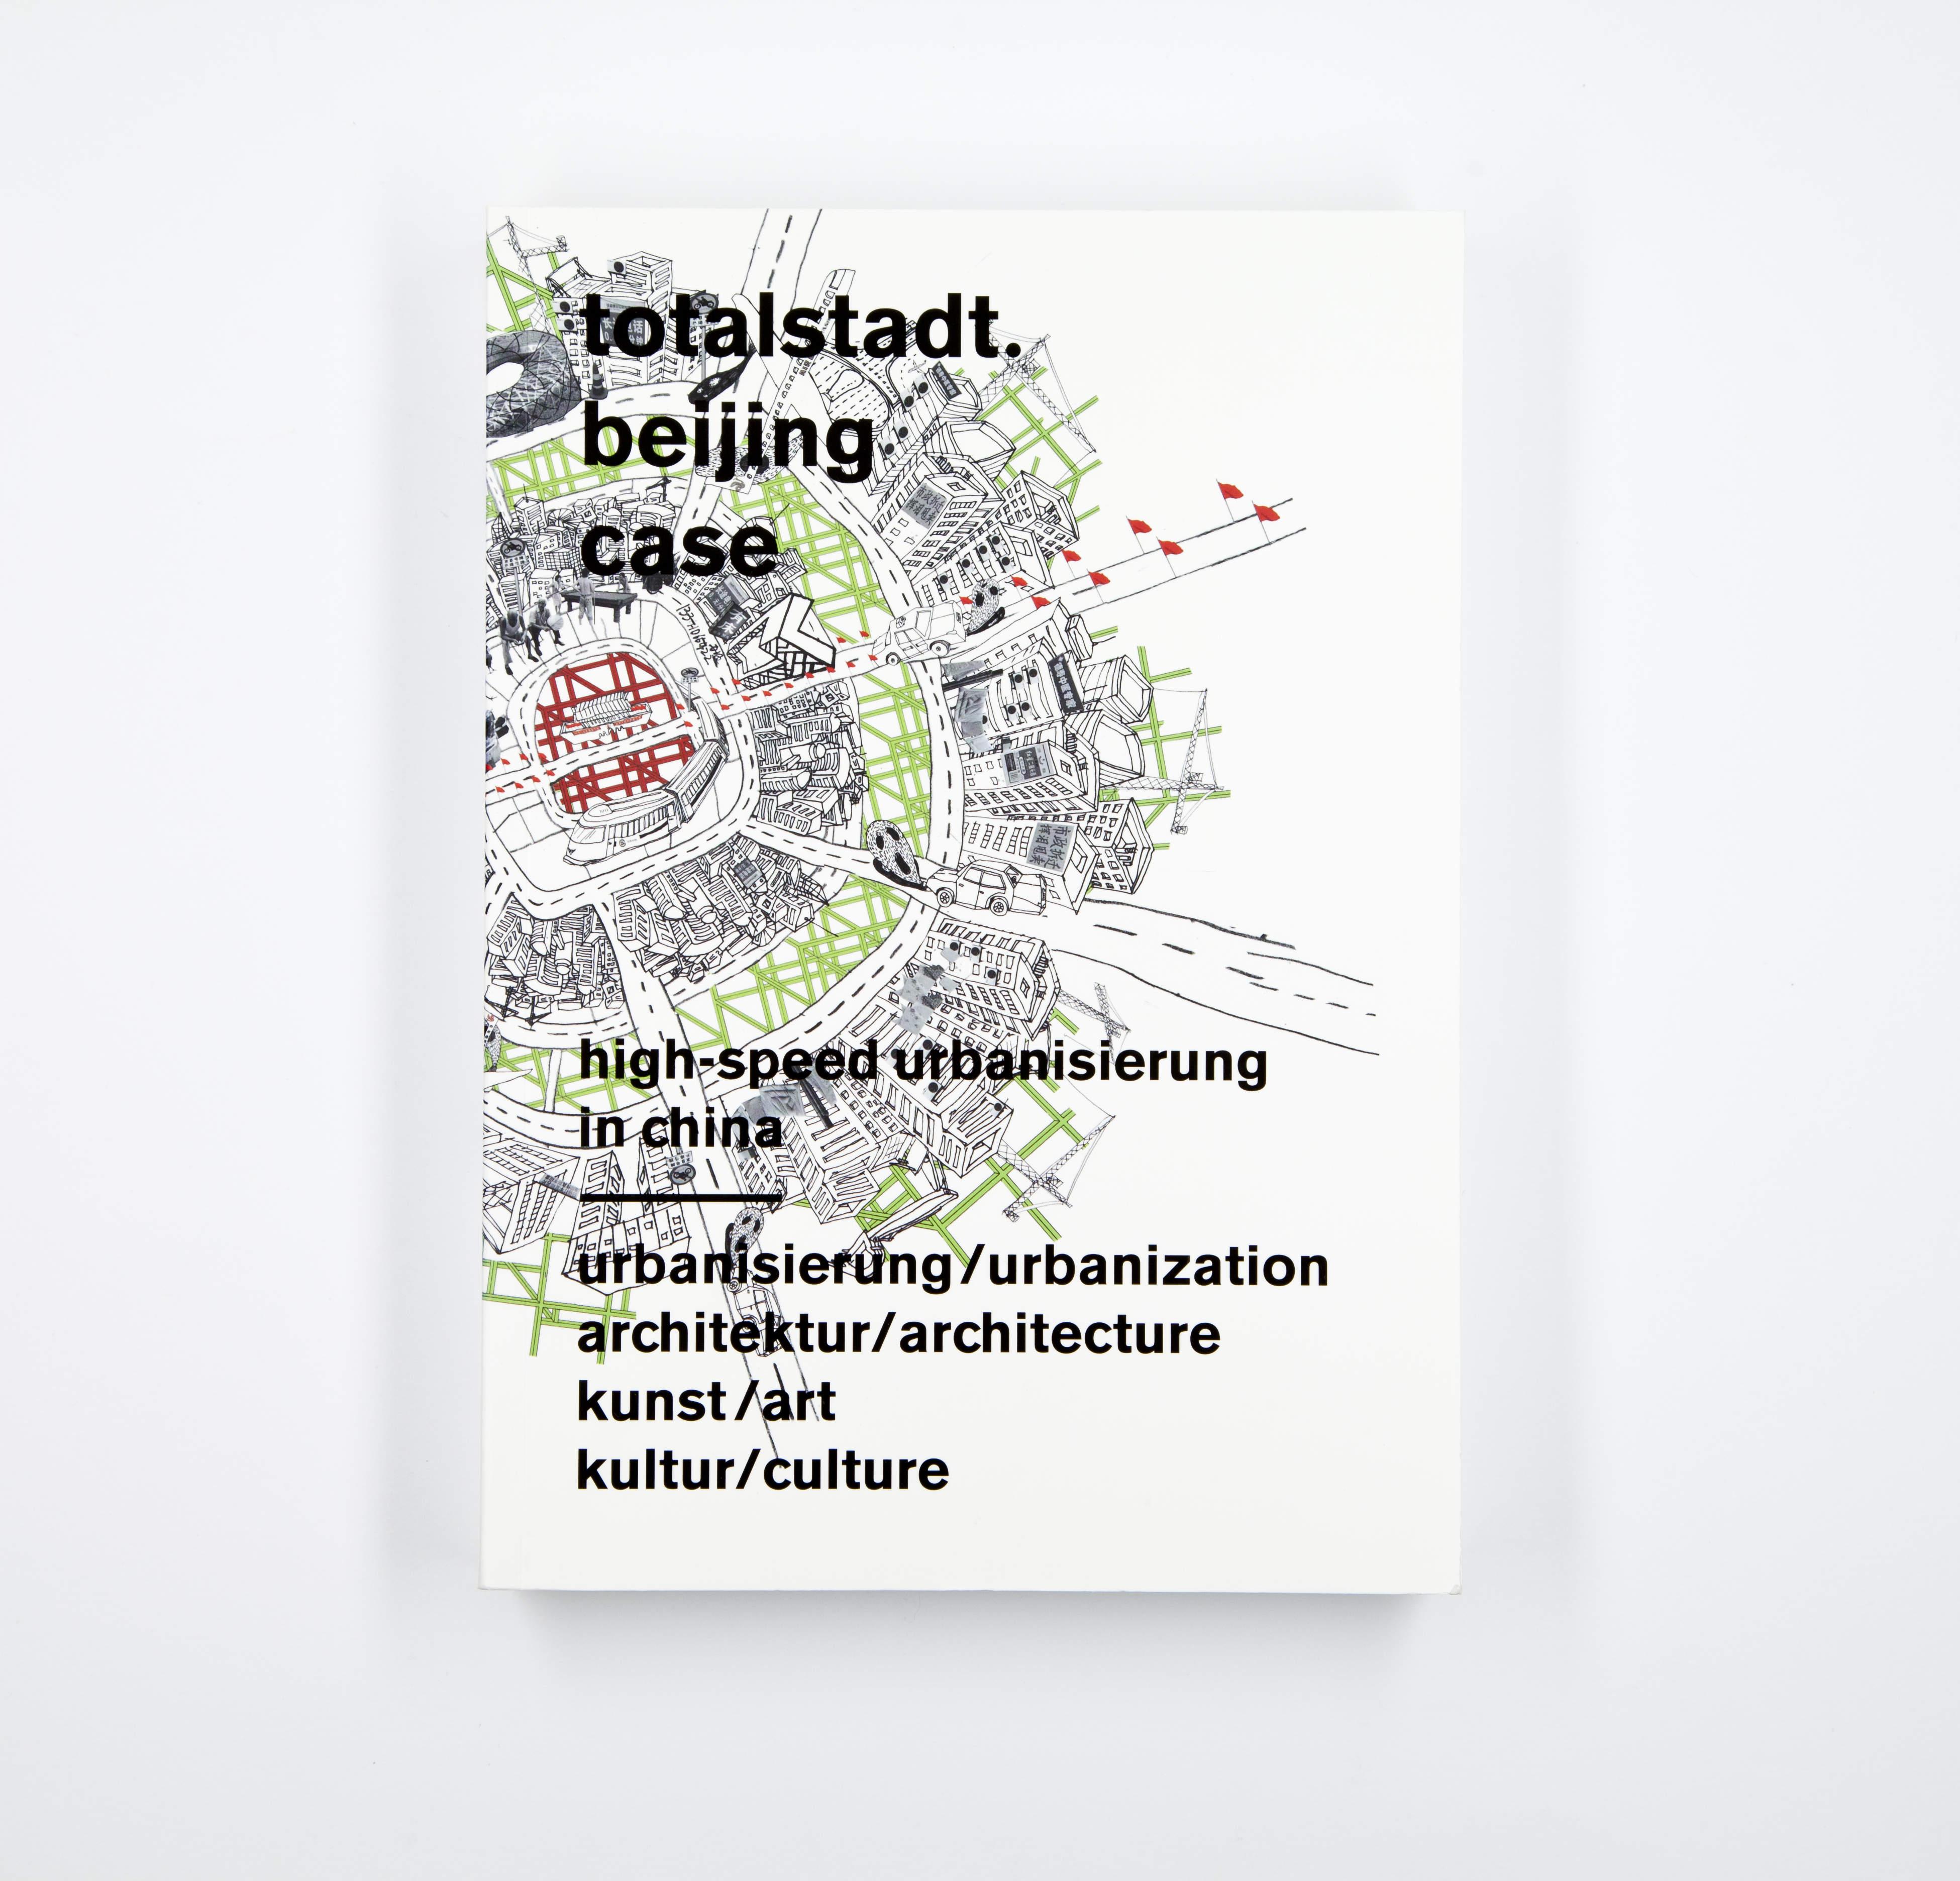 Totalstadt. Beijing Case. High Speed Urbanisierung in China